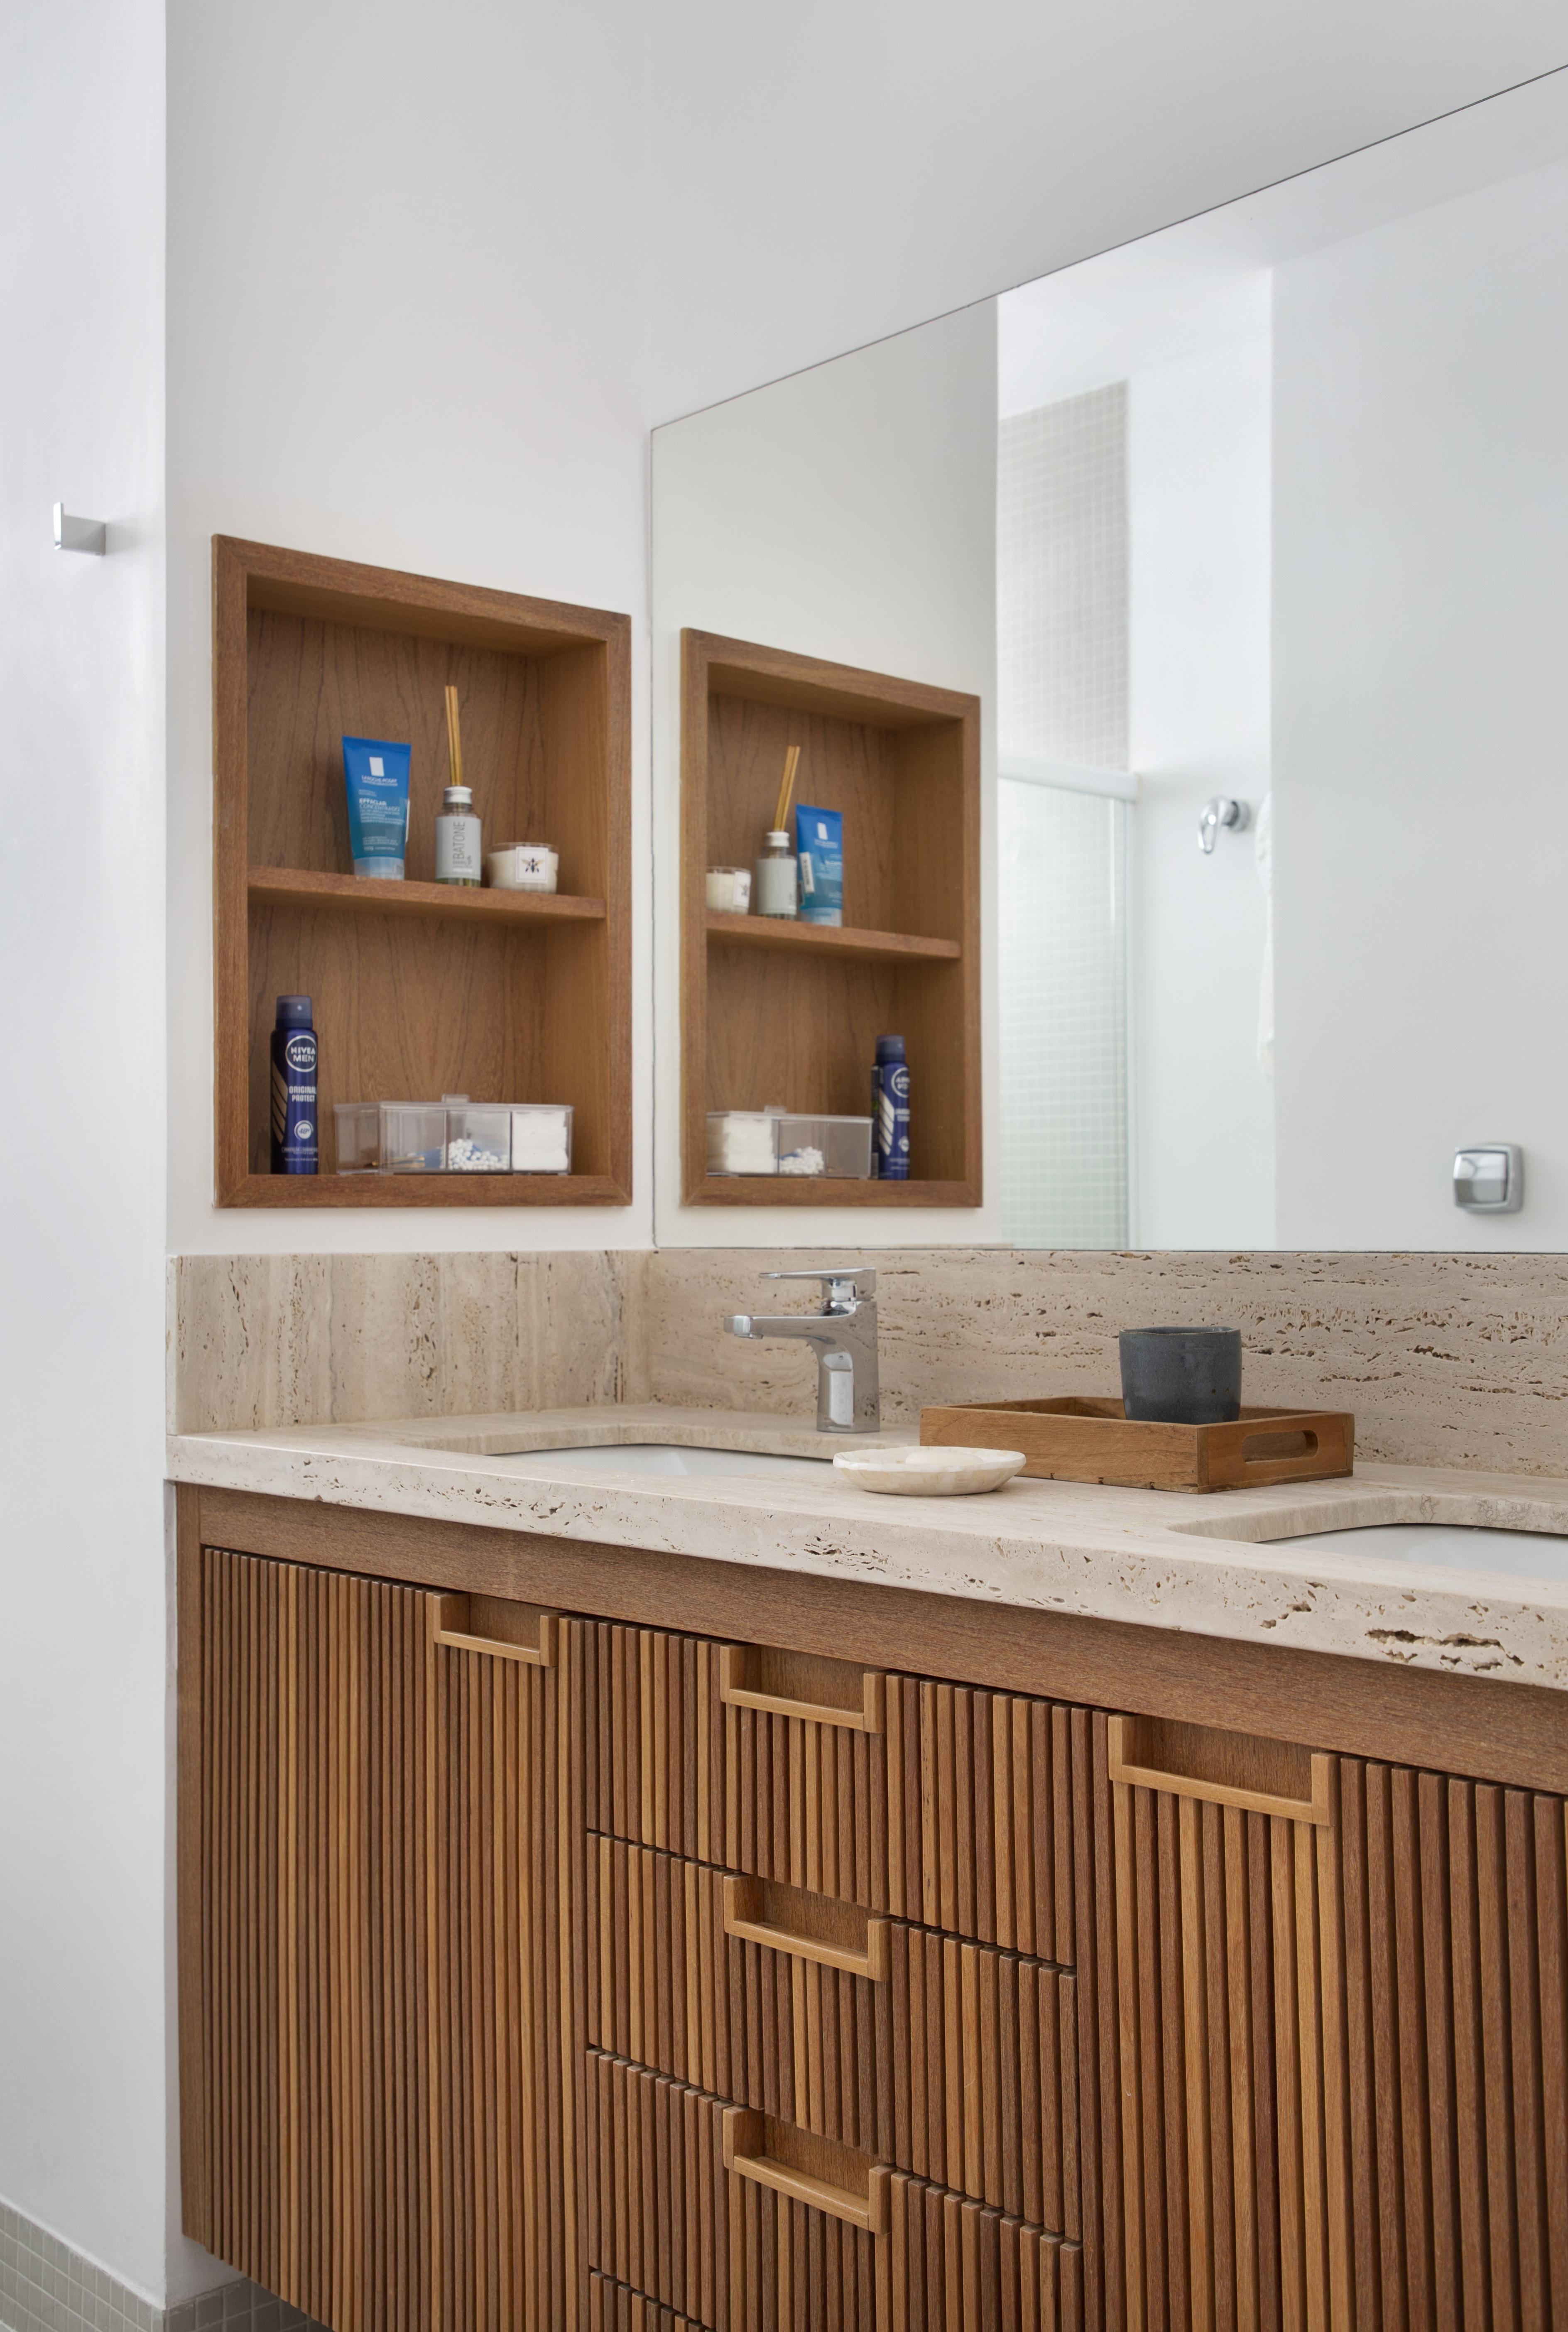 Cozinha, apartamento, são paulo, decoração, ideias, colorido, loft nova-iorquino, base neutra, paleta de cores suave, moderno, cosmopolita